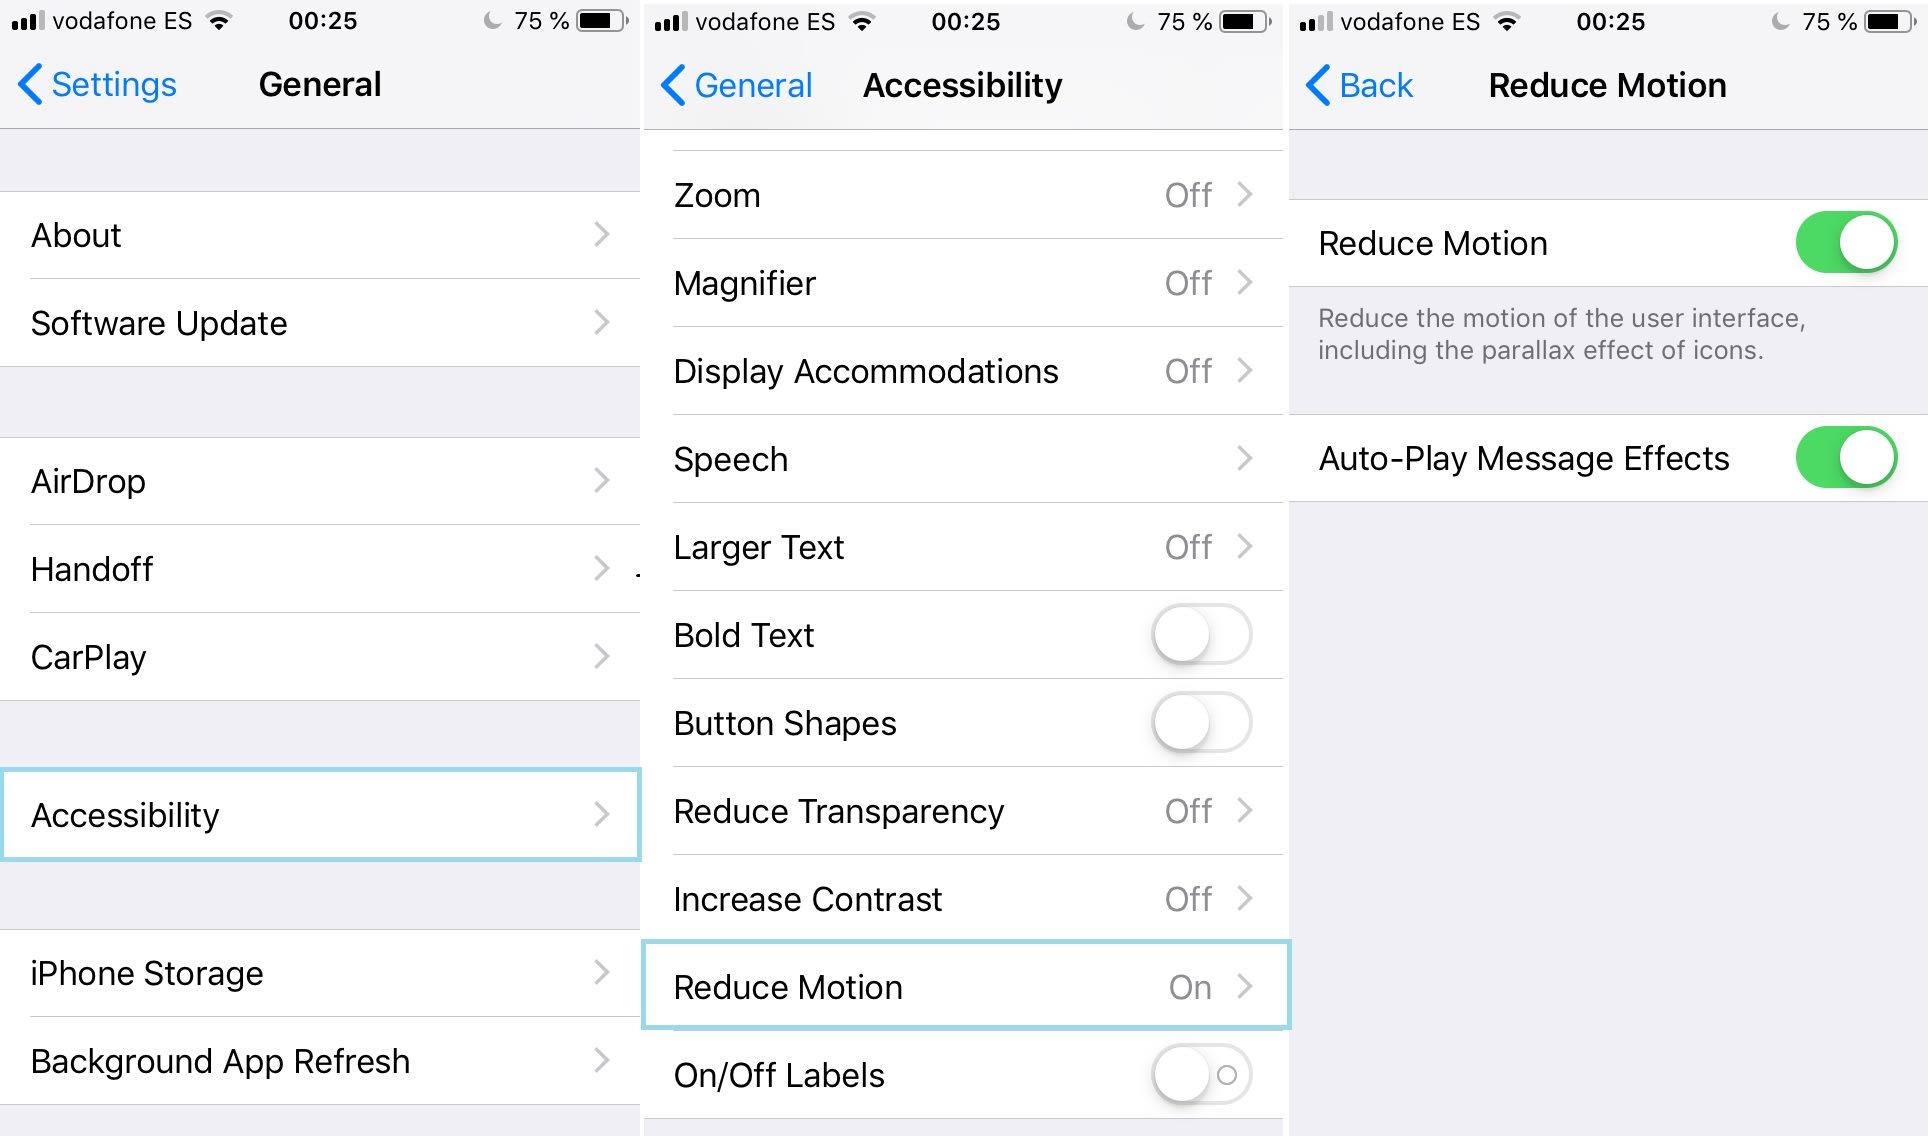 5 ajustes rápidos para acelerar tu smartphone